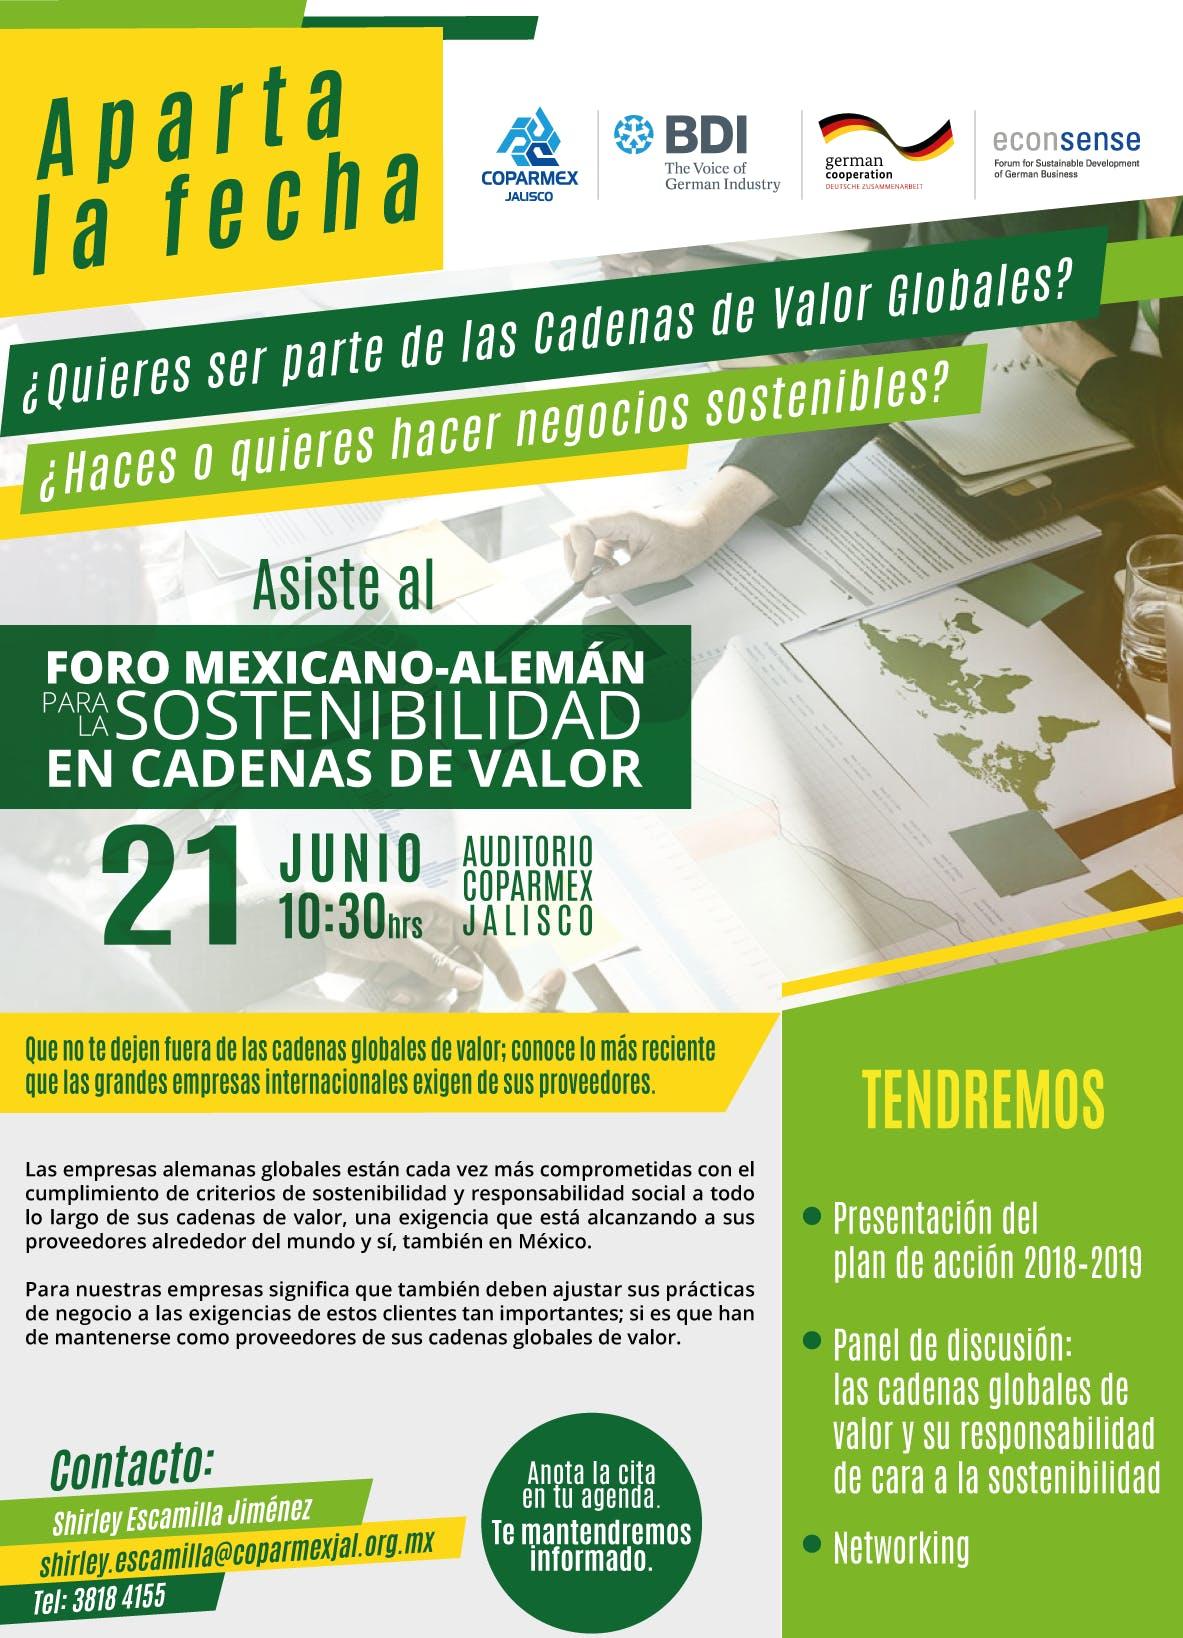 Foro Mexicano-Alemán para la Sostenibilidad e